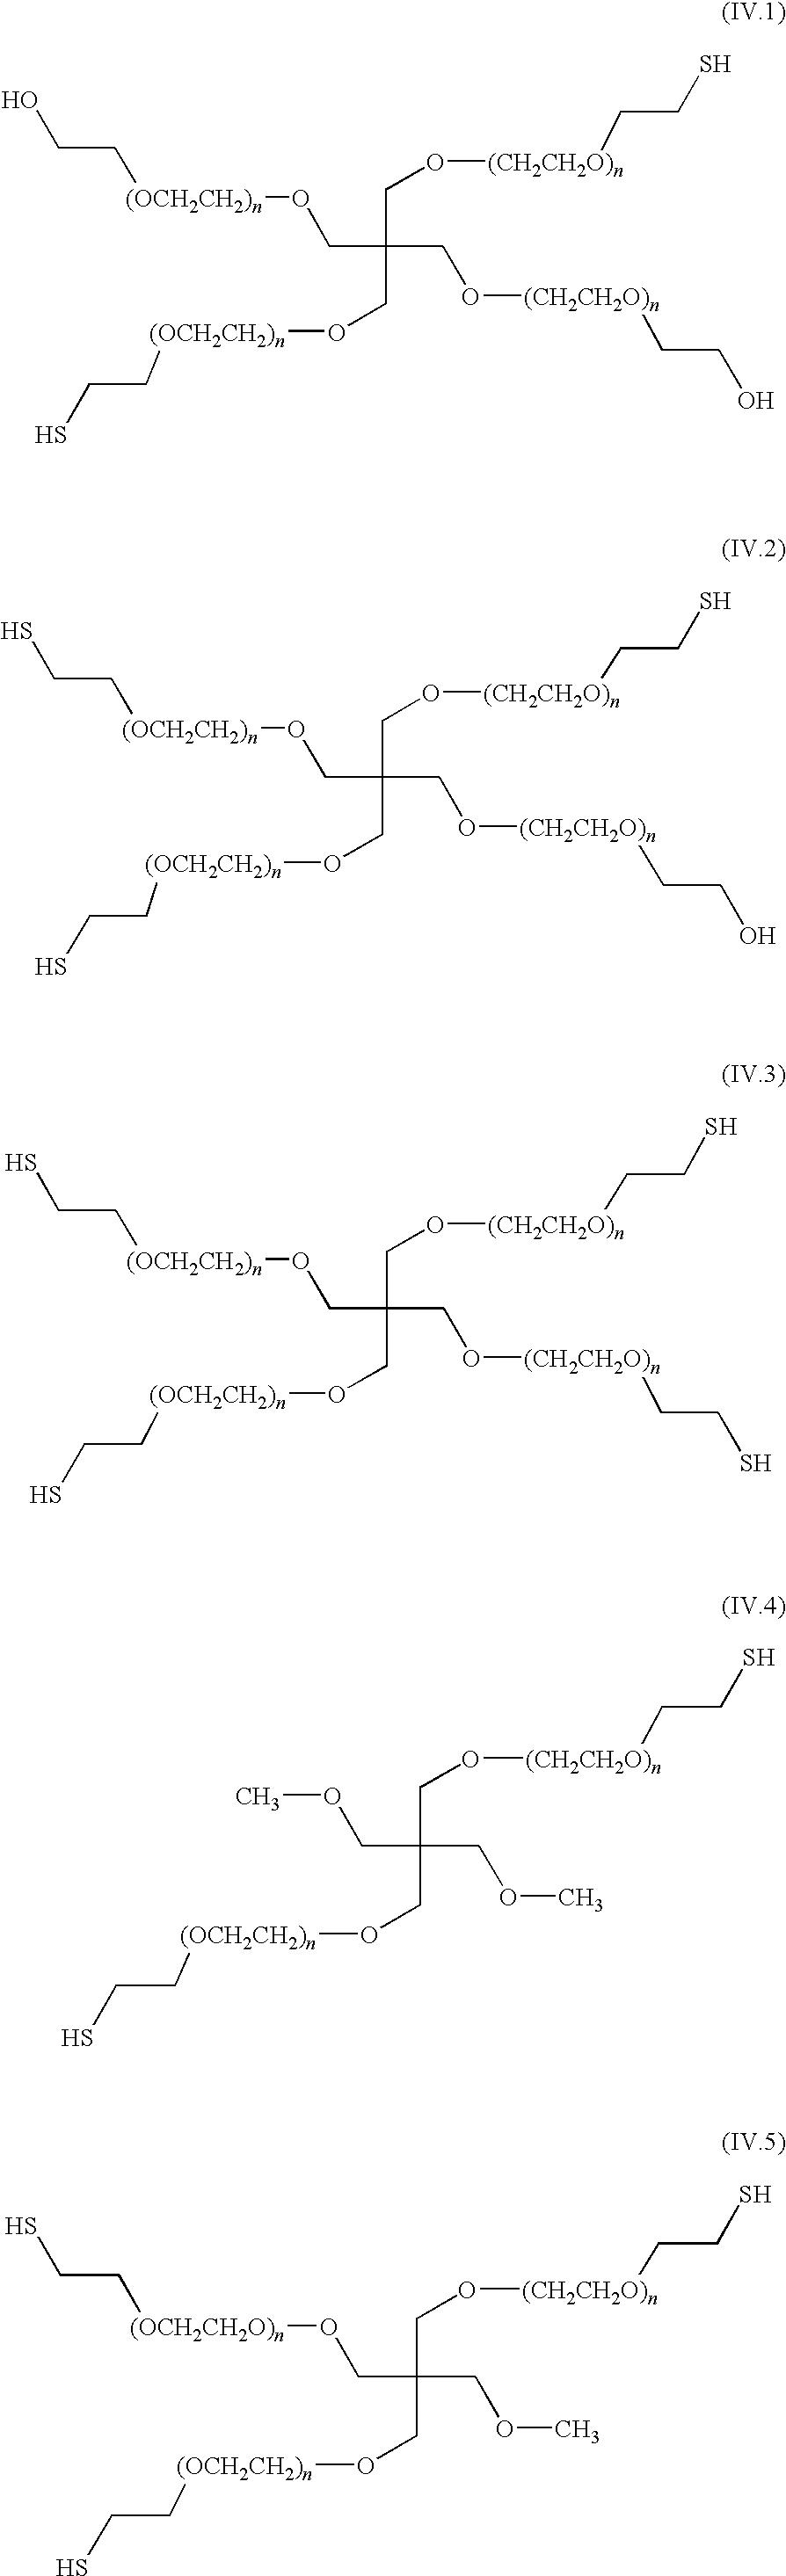 Figure US20090324720A1-20091231-C00010